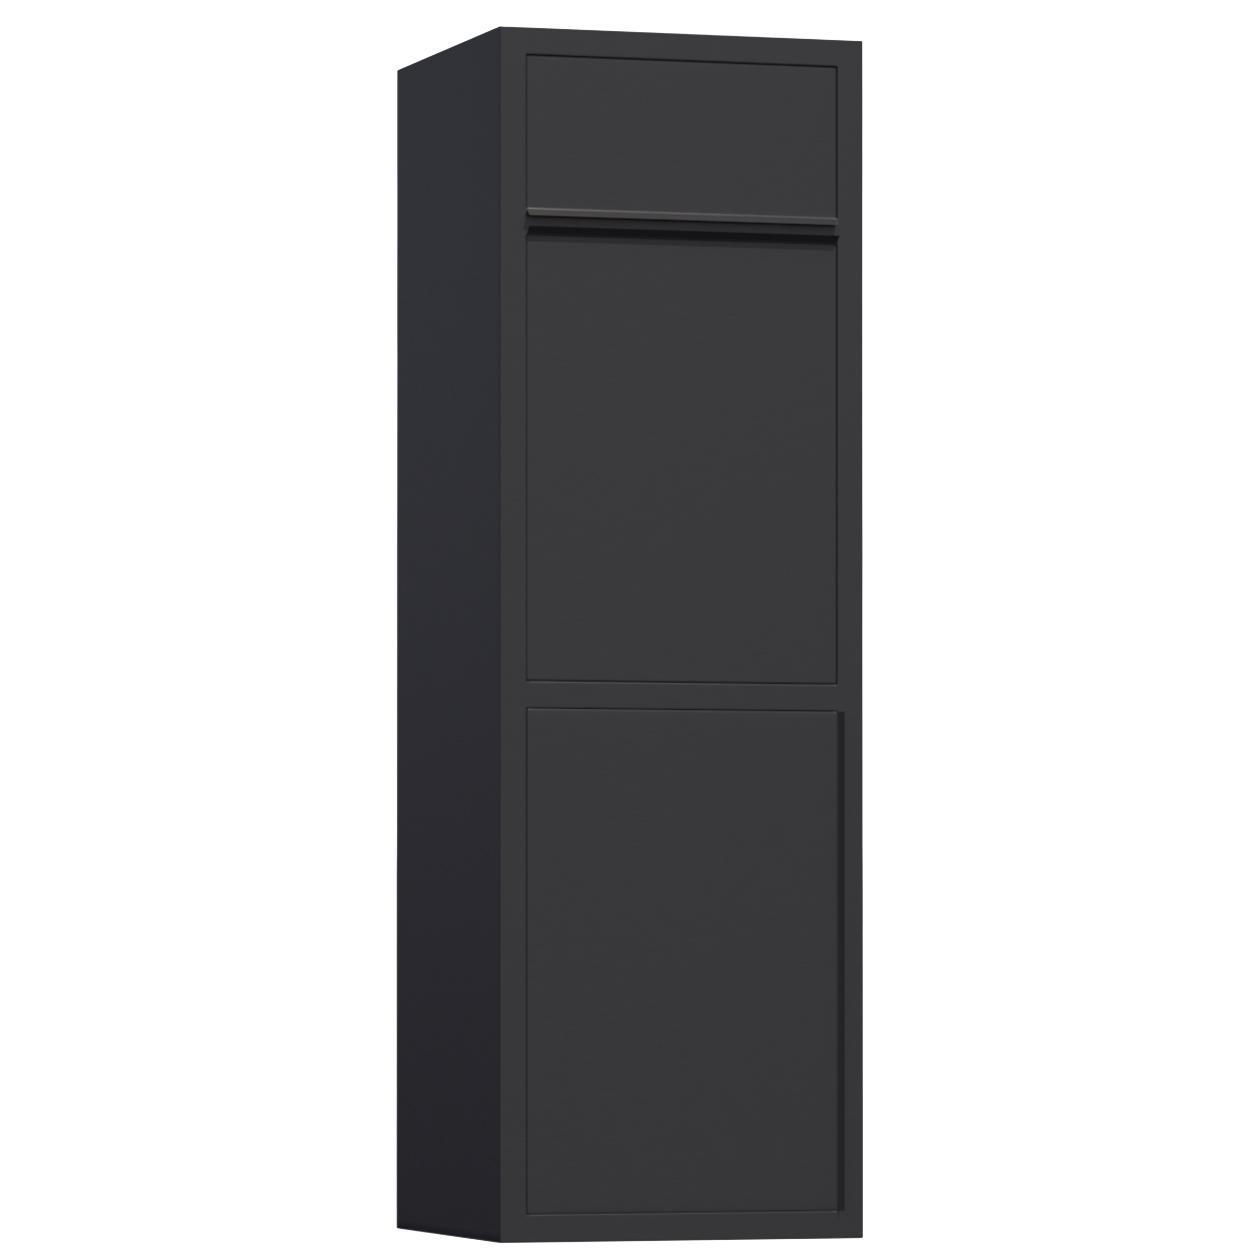 paketbriefkasten design paket briefkasten koloss schwarz. Black Bedroom Furniture Sets. Home Design Ideas